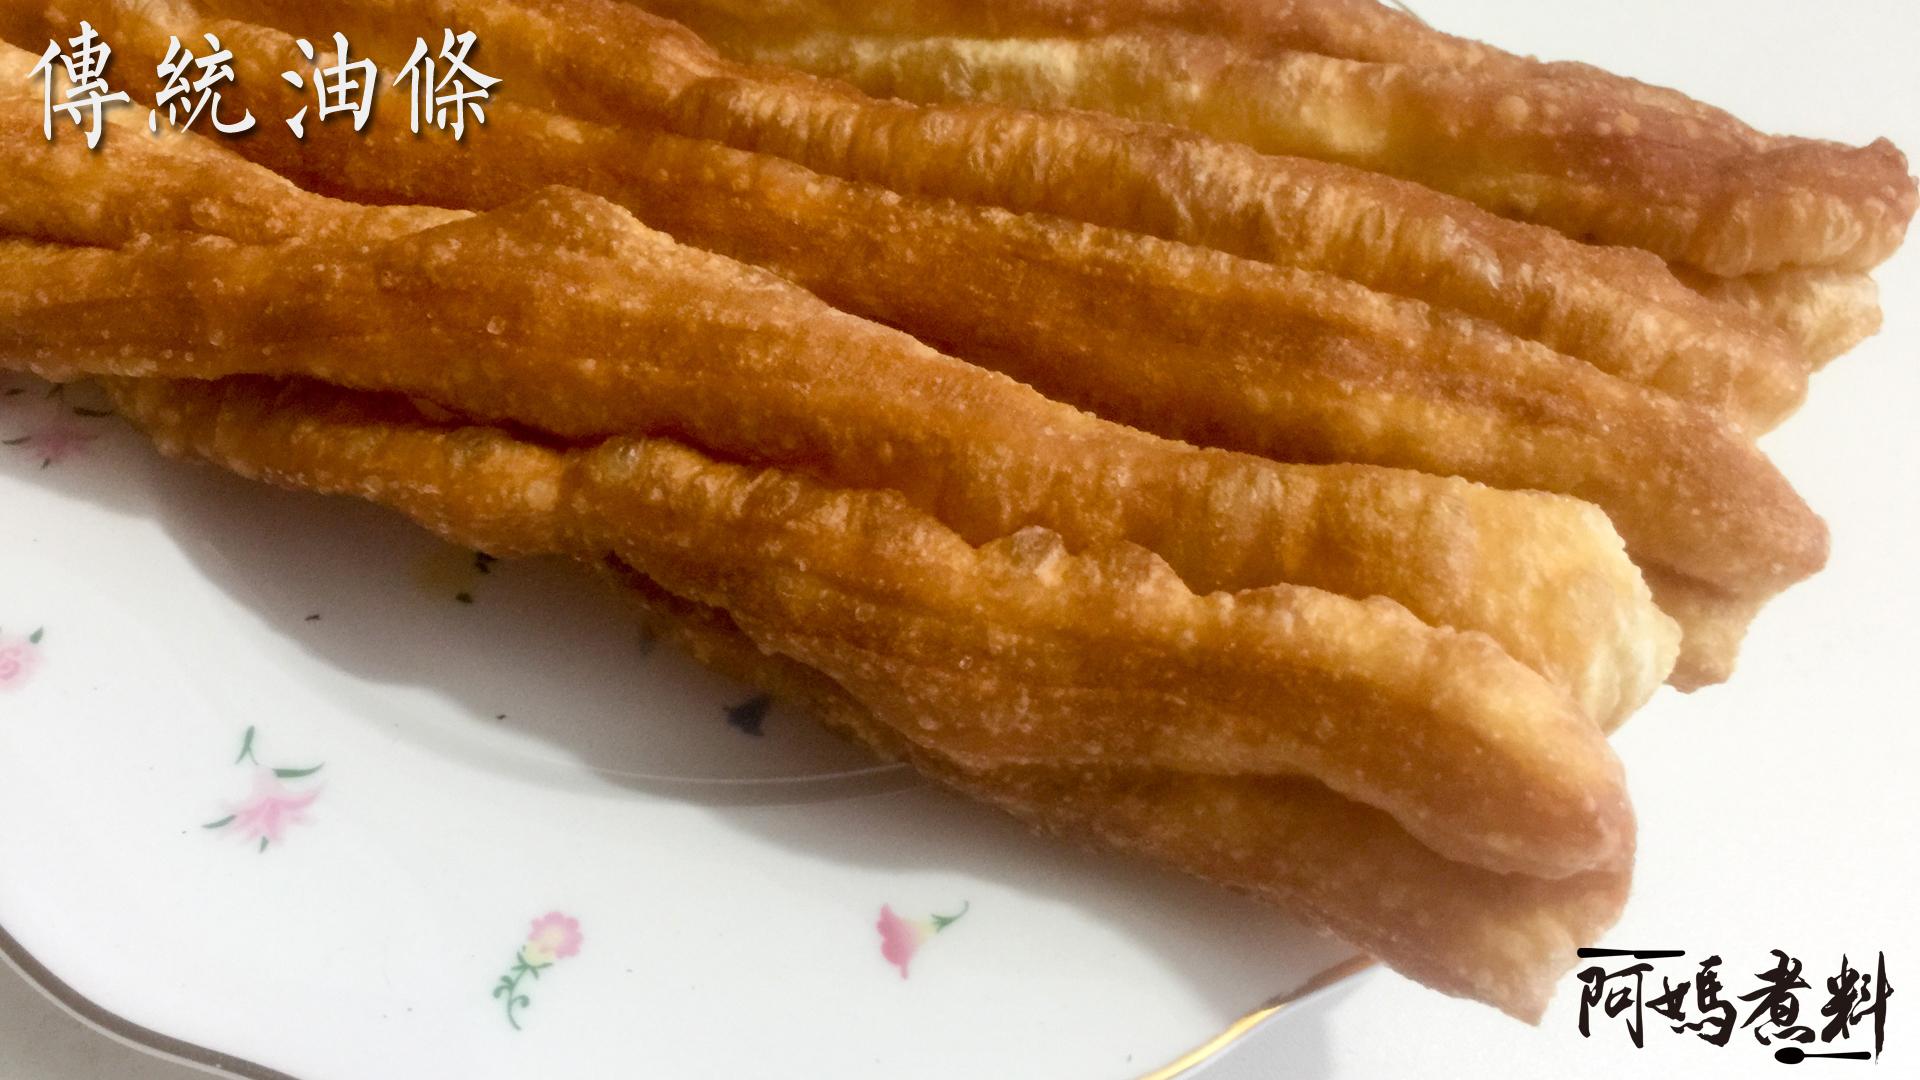 在家製作傳統美味早點 炸油條 油炸鬼(無明礬)